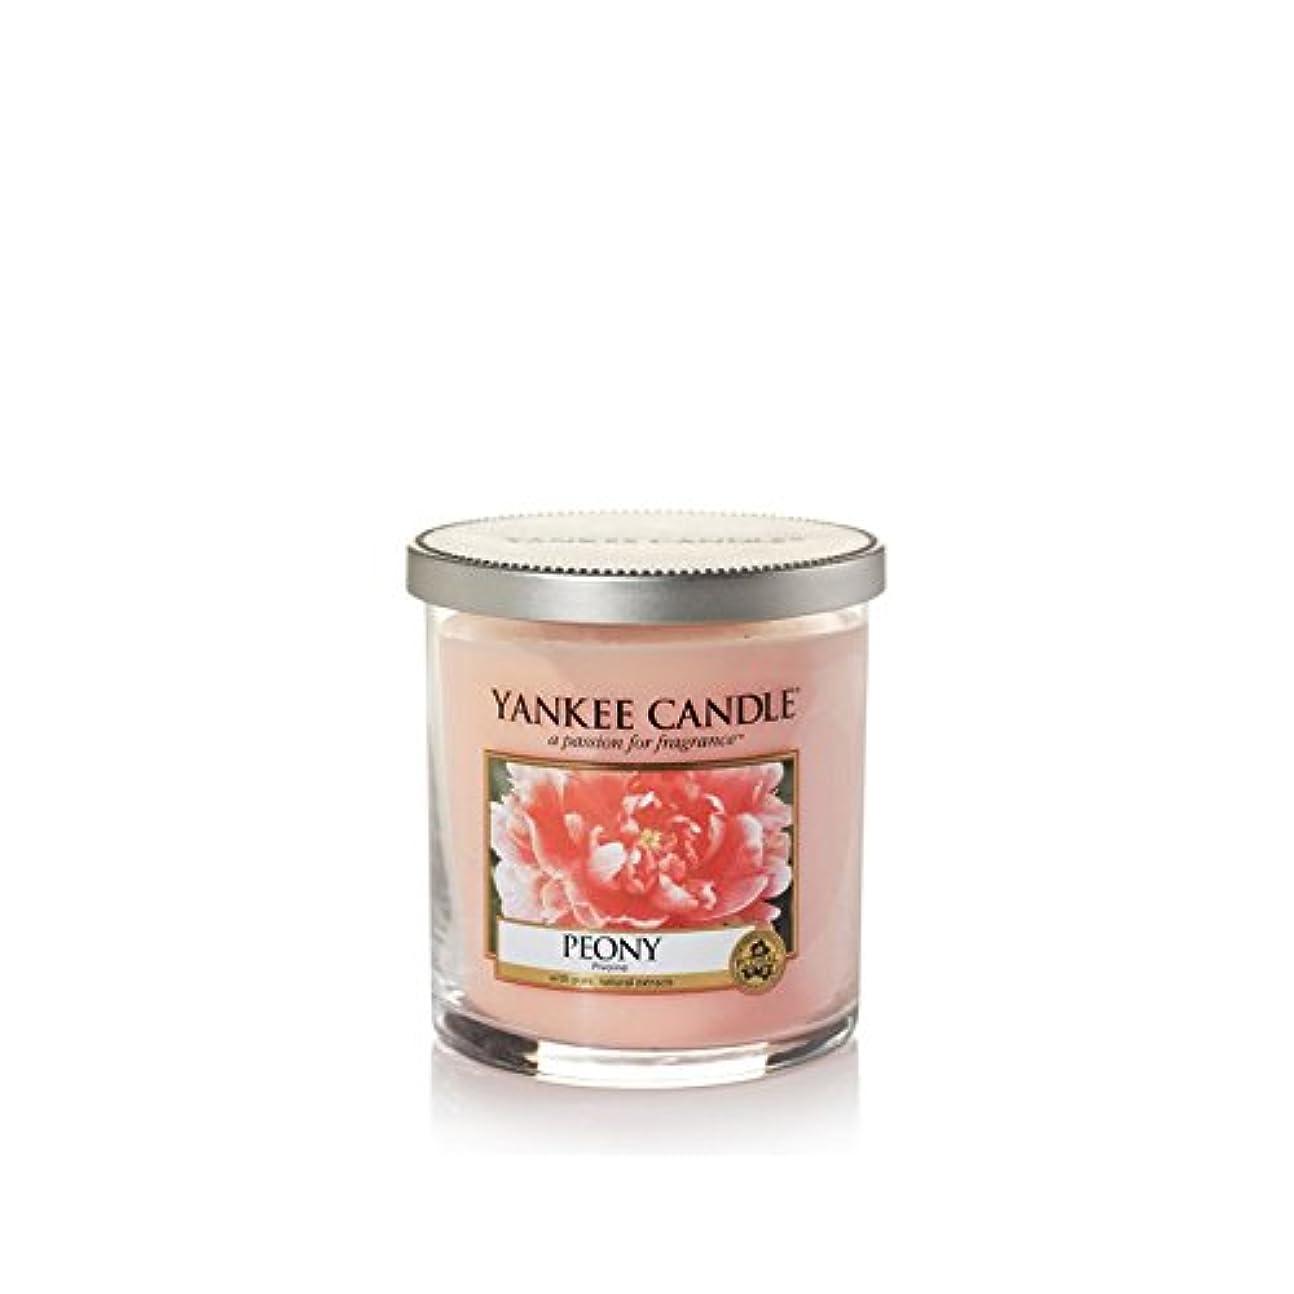 占める不正直バンドルYankee Candles Small Pillar Candle - Peony (Pack of 2) - ヤンキーキャンドルの小さな柱キャンドル - 牡丹 (x2) [並行輸入品]